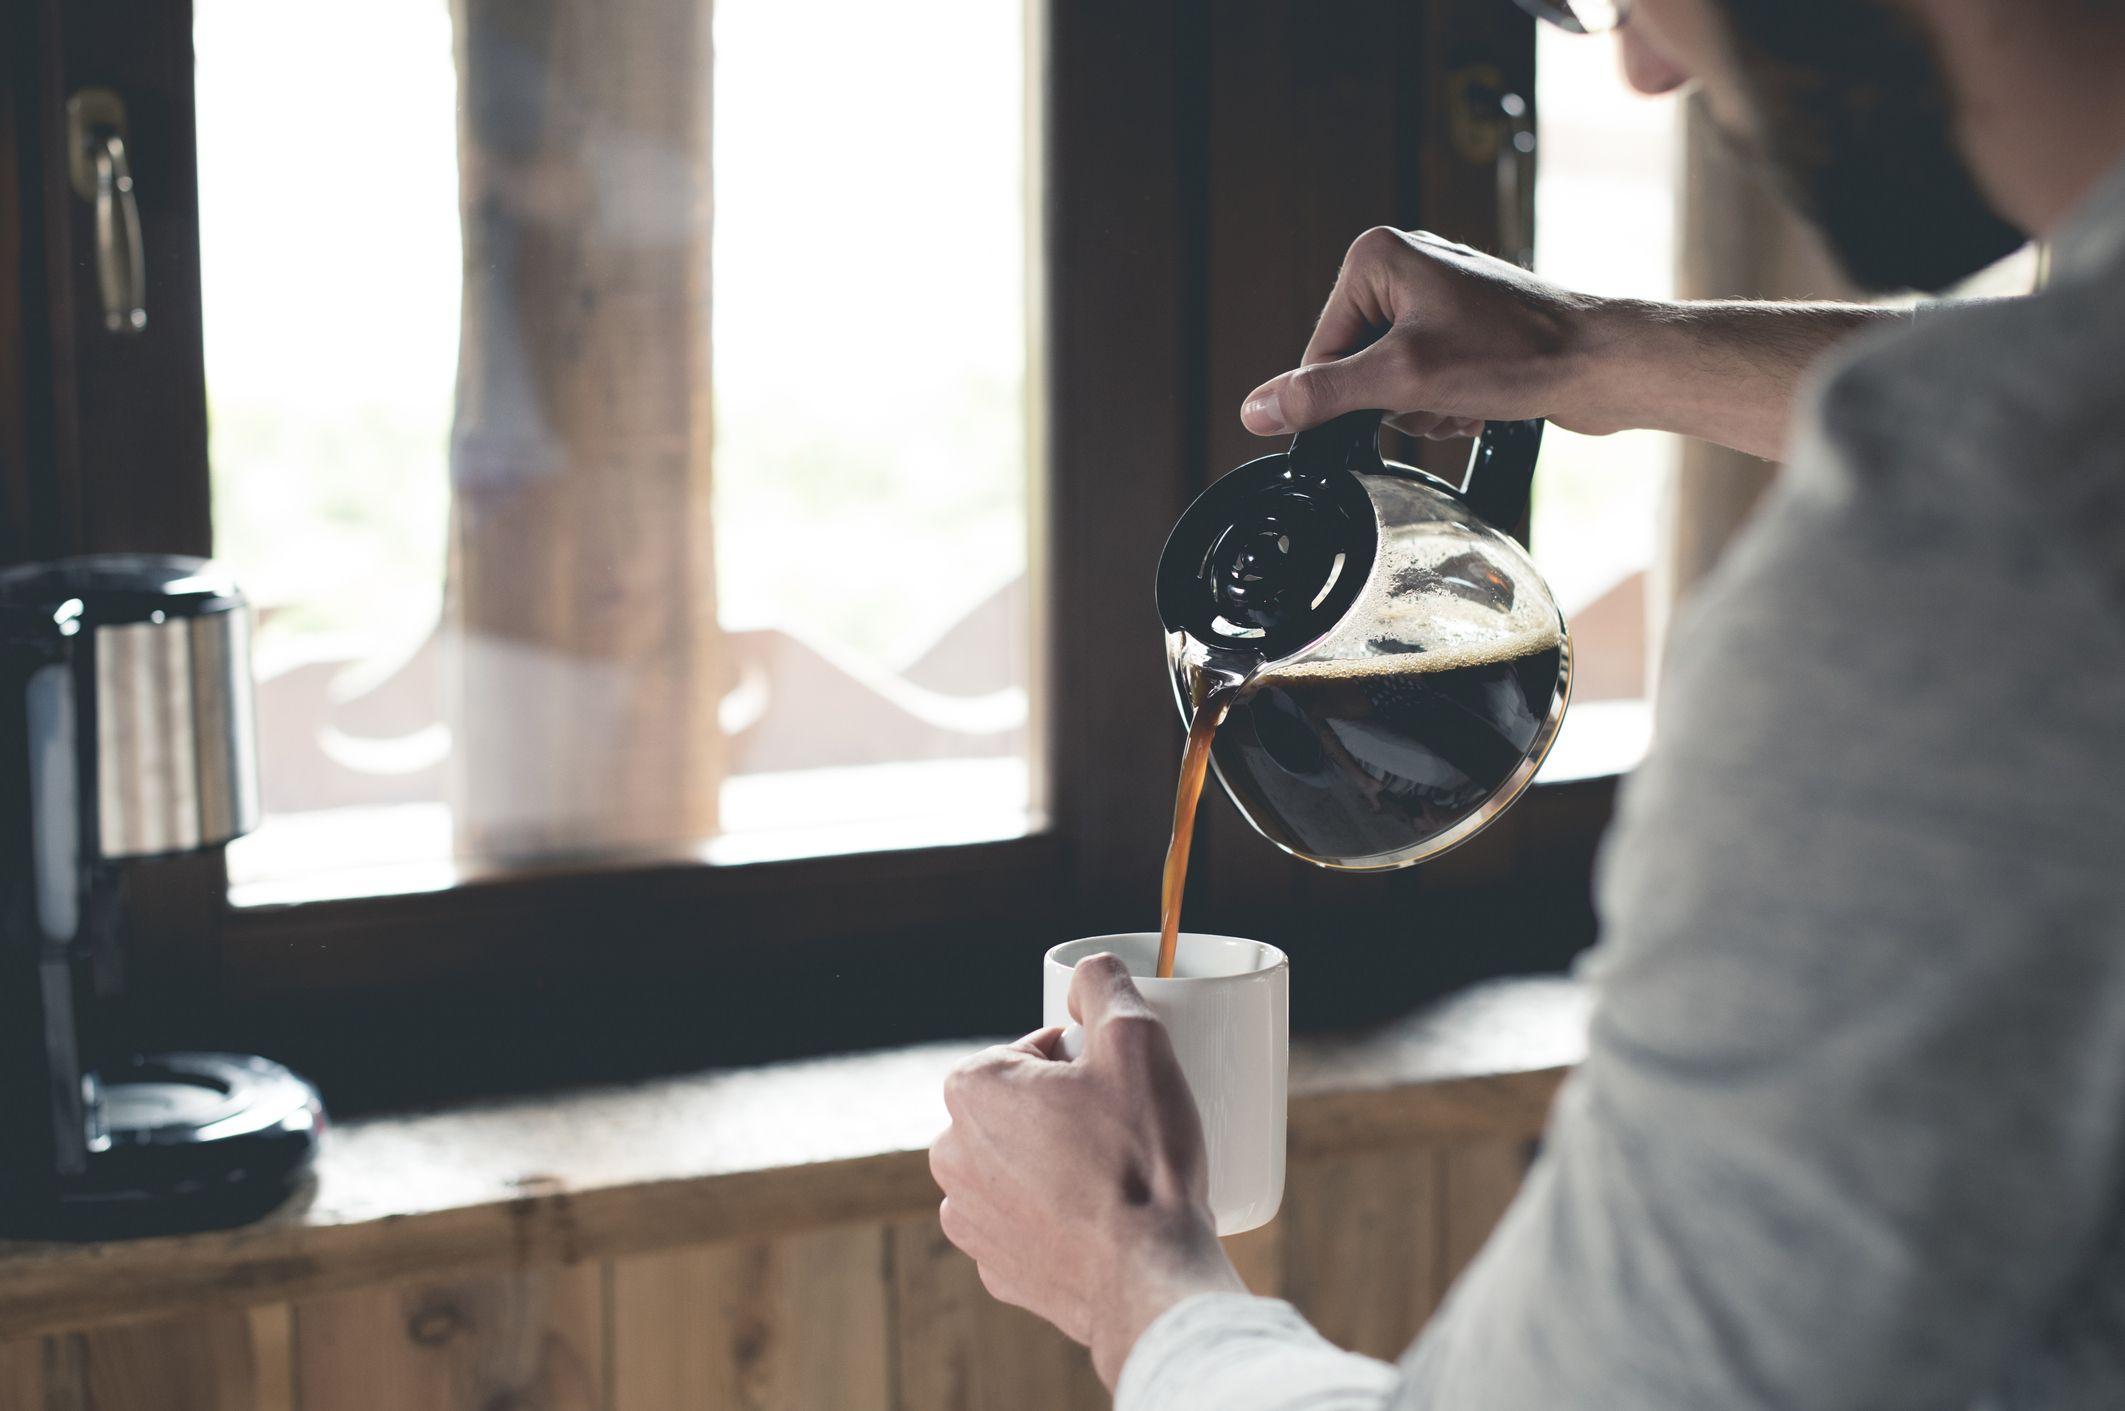 Göz tansiyonuna karşı kahve tüketimini abartmayın #1